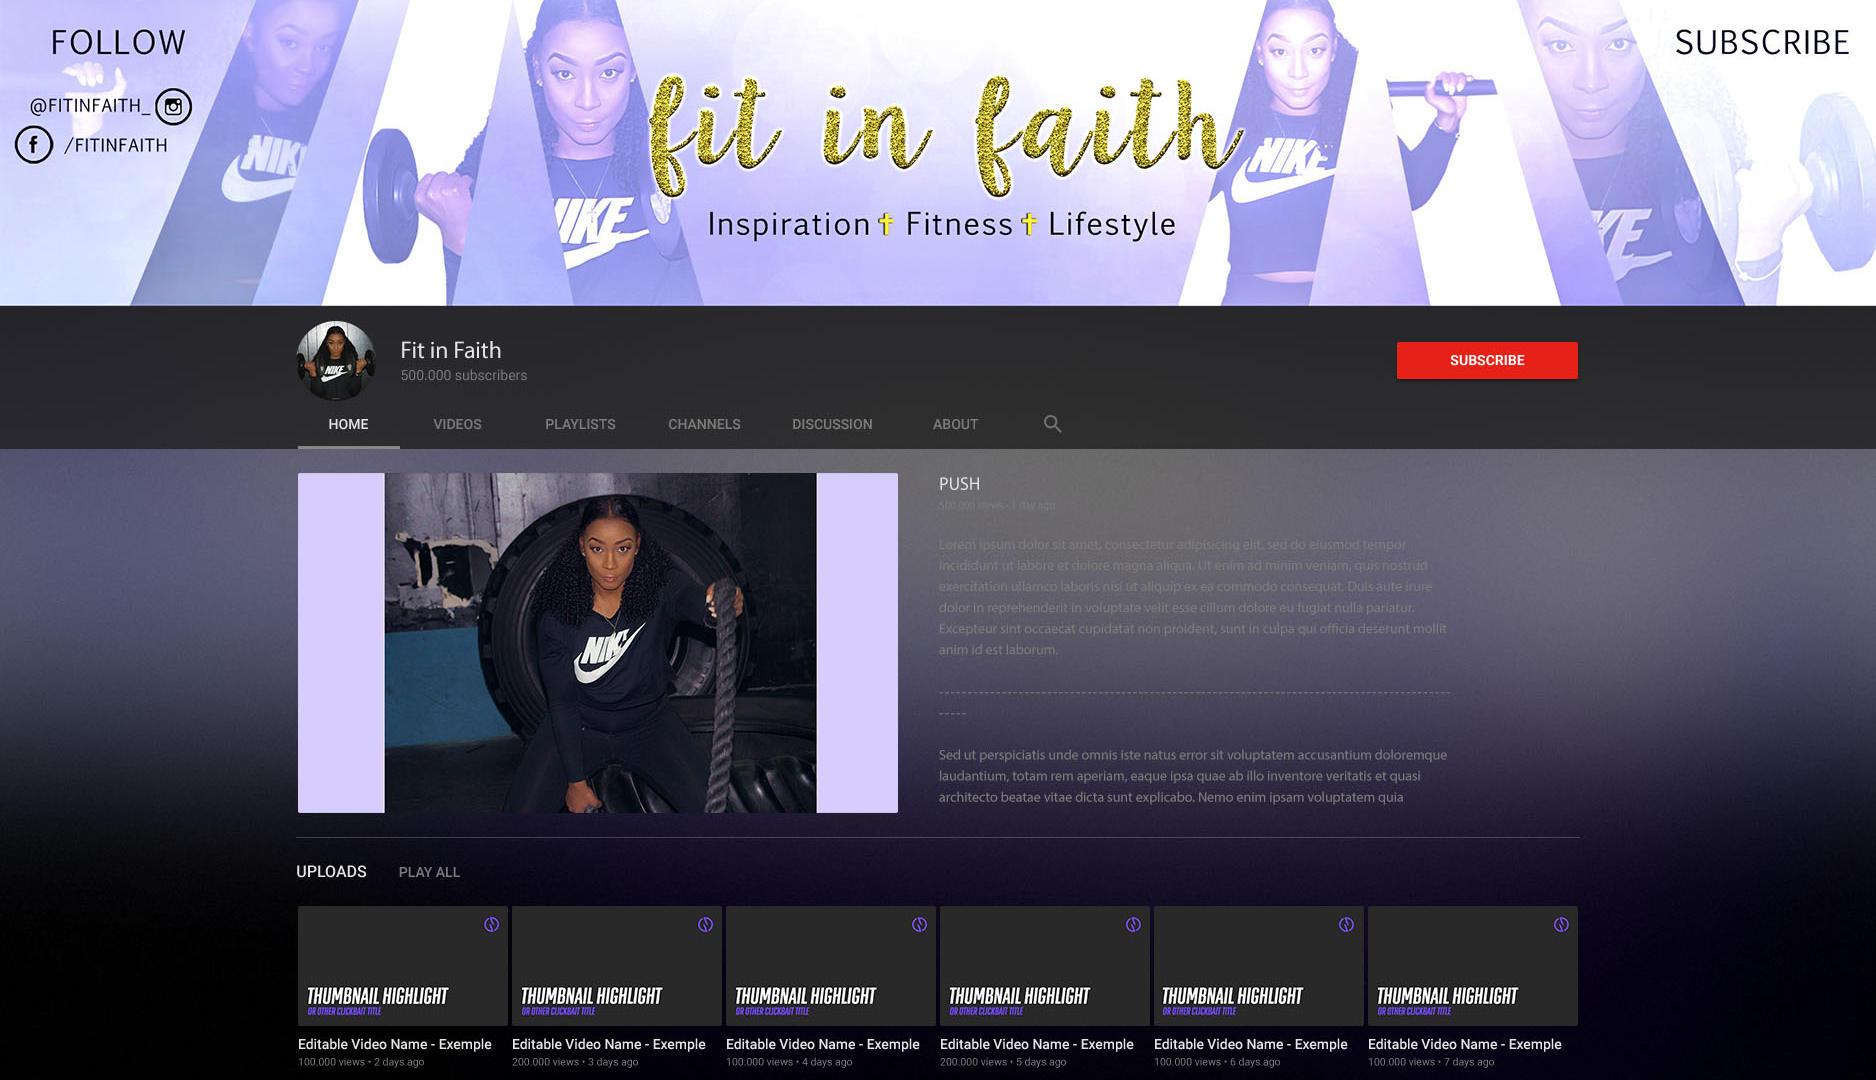 FITINFAITH_youtube MOCKUP.jpg